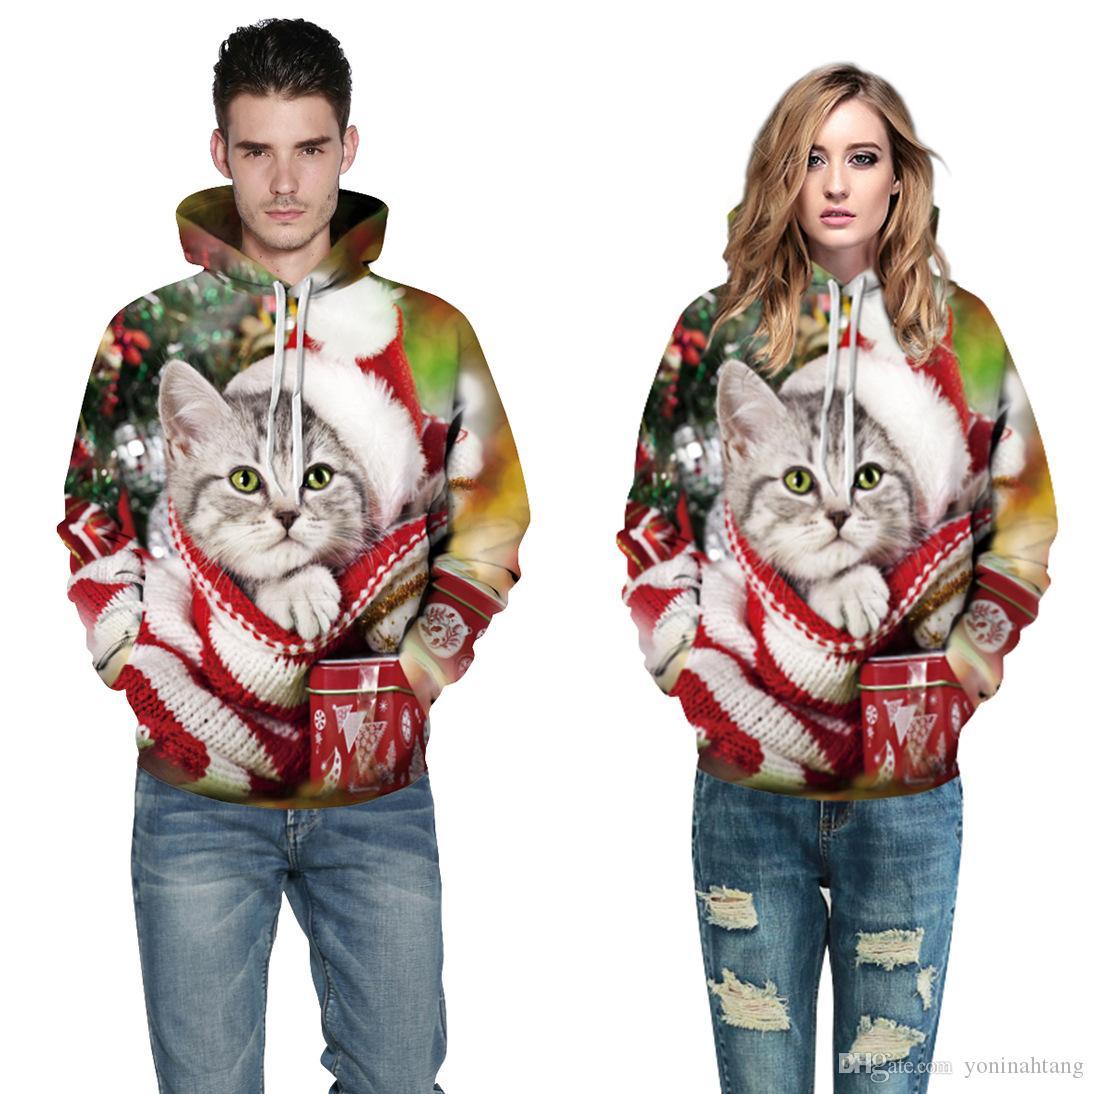 Las mujeres de la Navidad Sudadera con Gatos Cortados Impreso Con Capucha 2017 Hombres Parejas Otoño Sudadera con capucha de Gran Tamaño Animal Con Capucha Regalo S-3XL